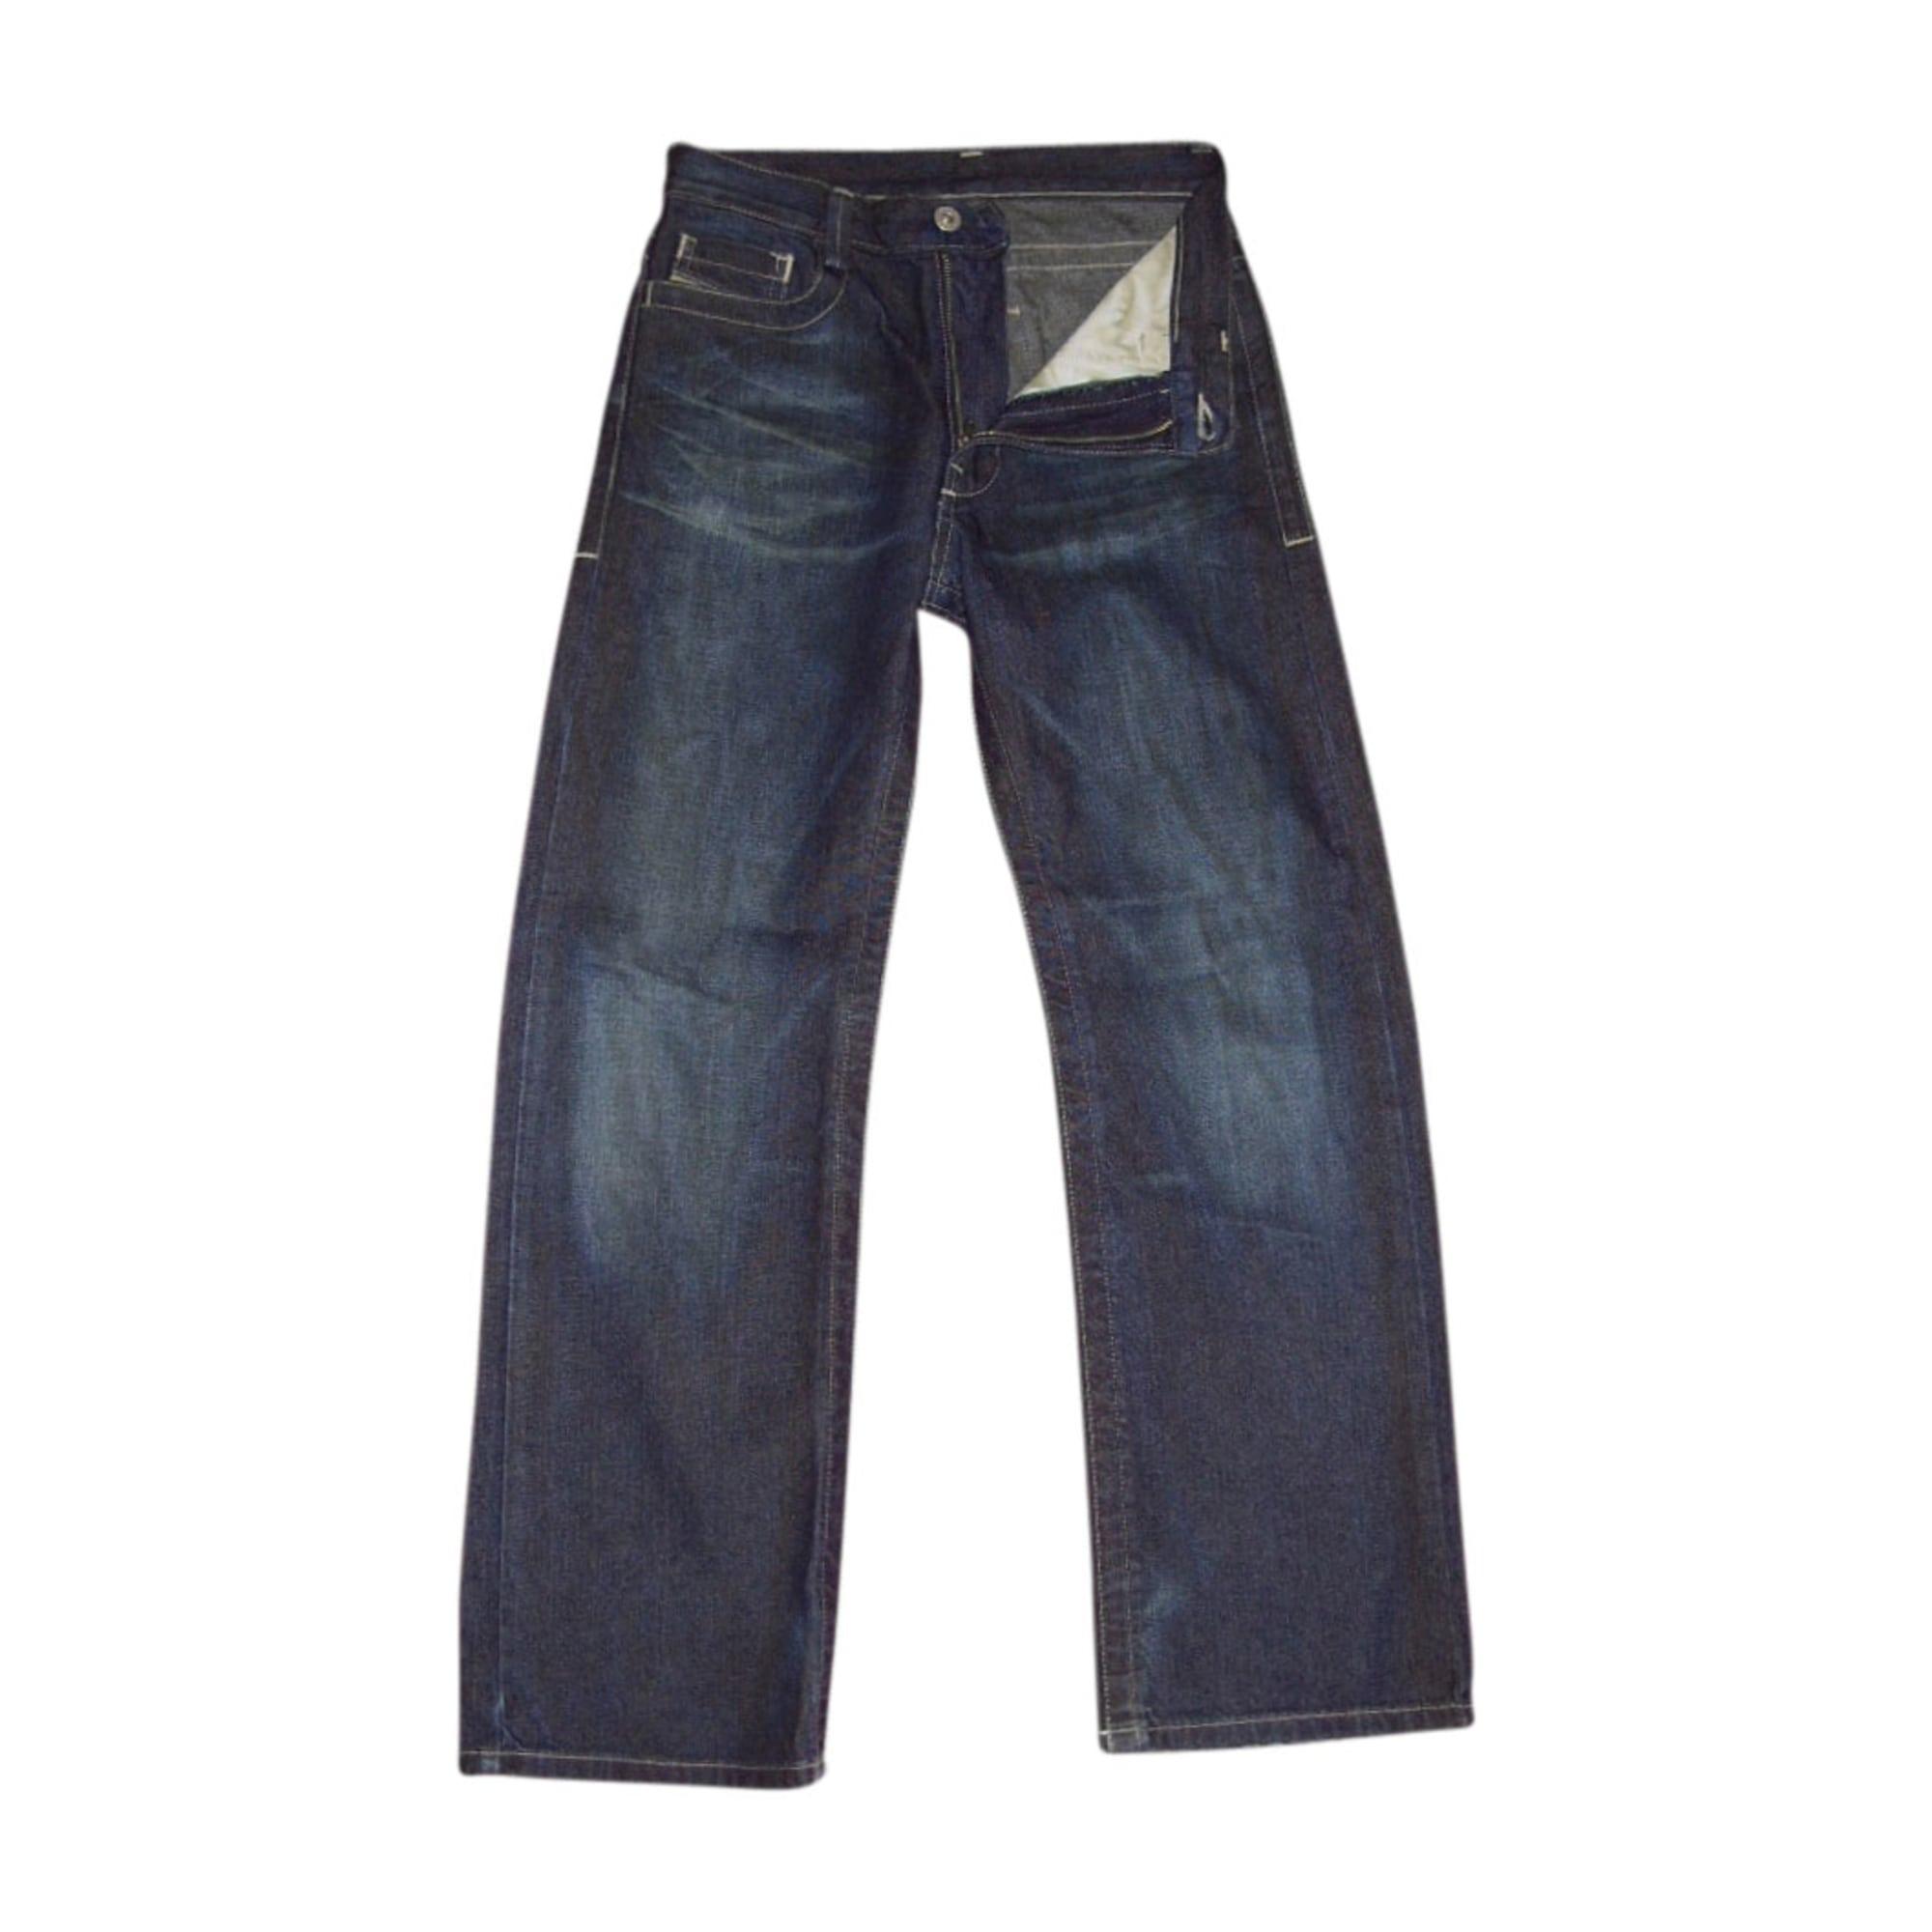 Jeans large DIESEL Bleu, bleu marine, bleu turquoise